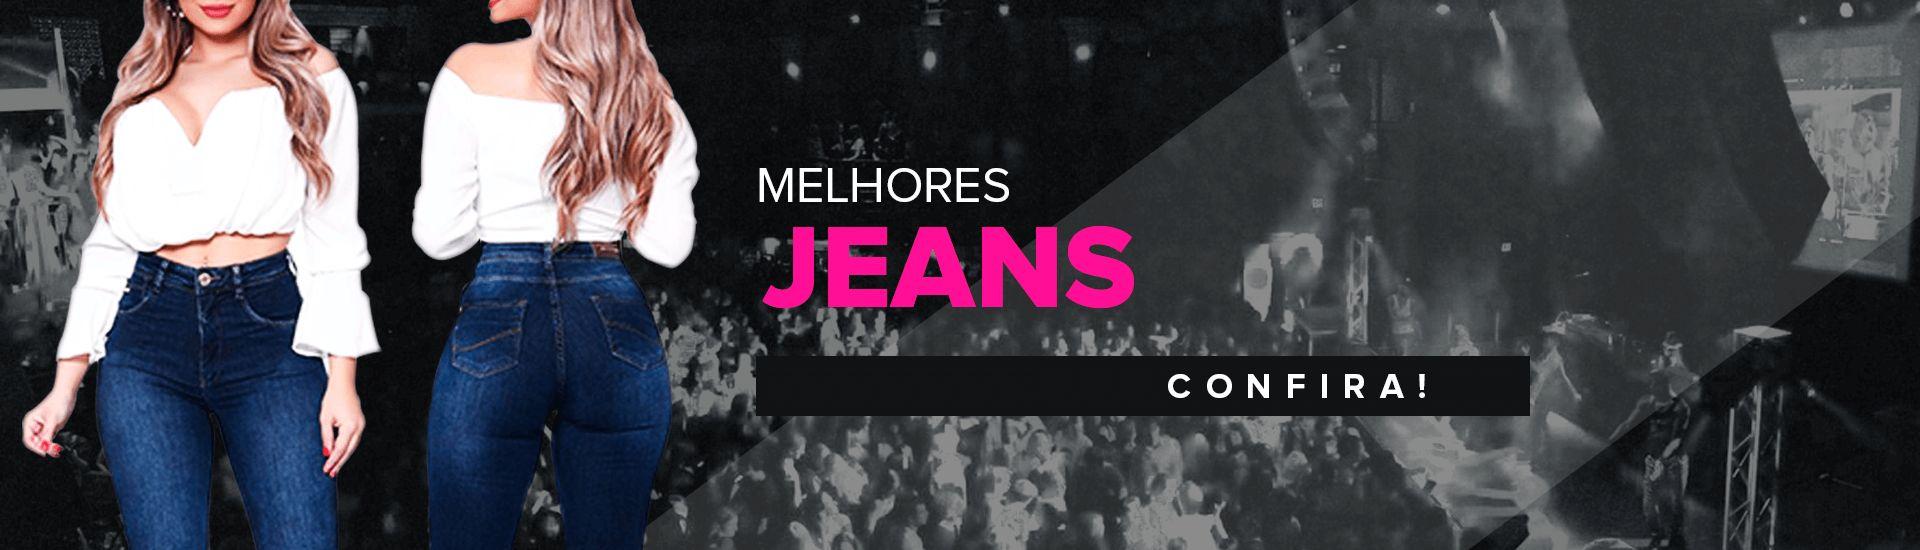 2. fullbanner jeans